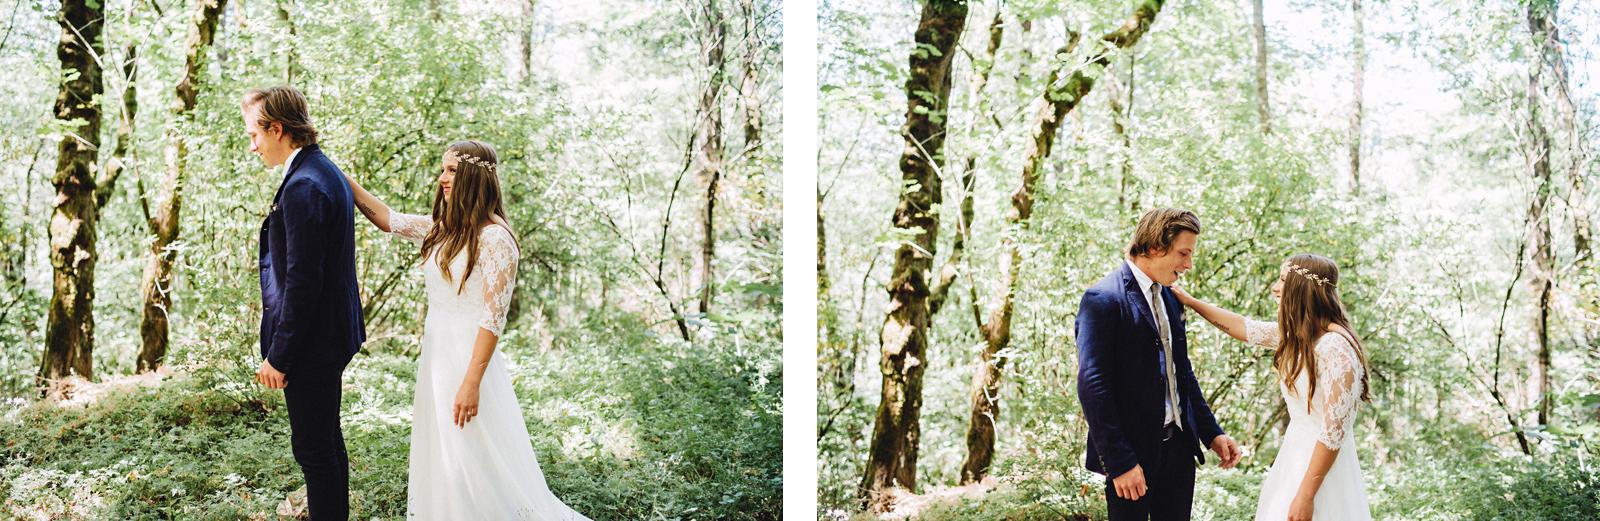 anna-gregory-021 PORTLAND WEDDING